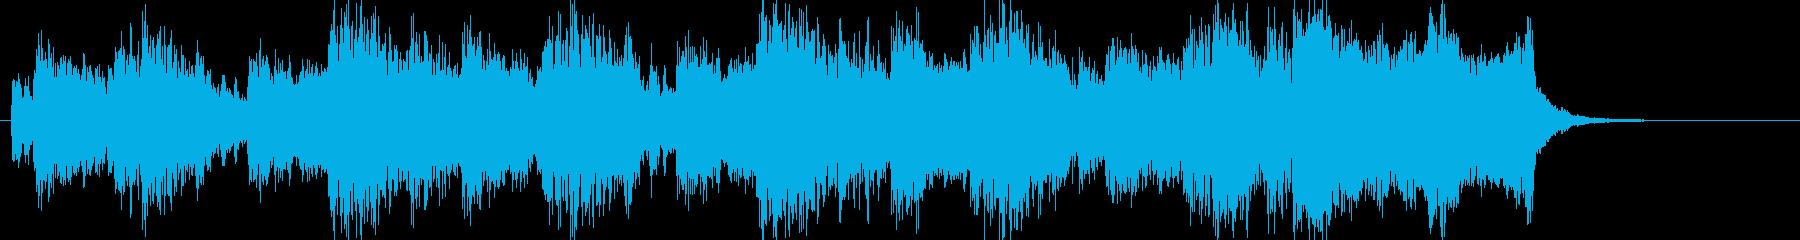 緊張したバトル前のファンファーレの再生済みの波形